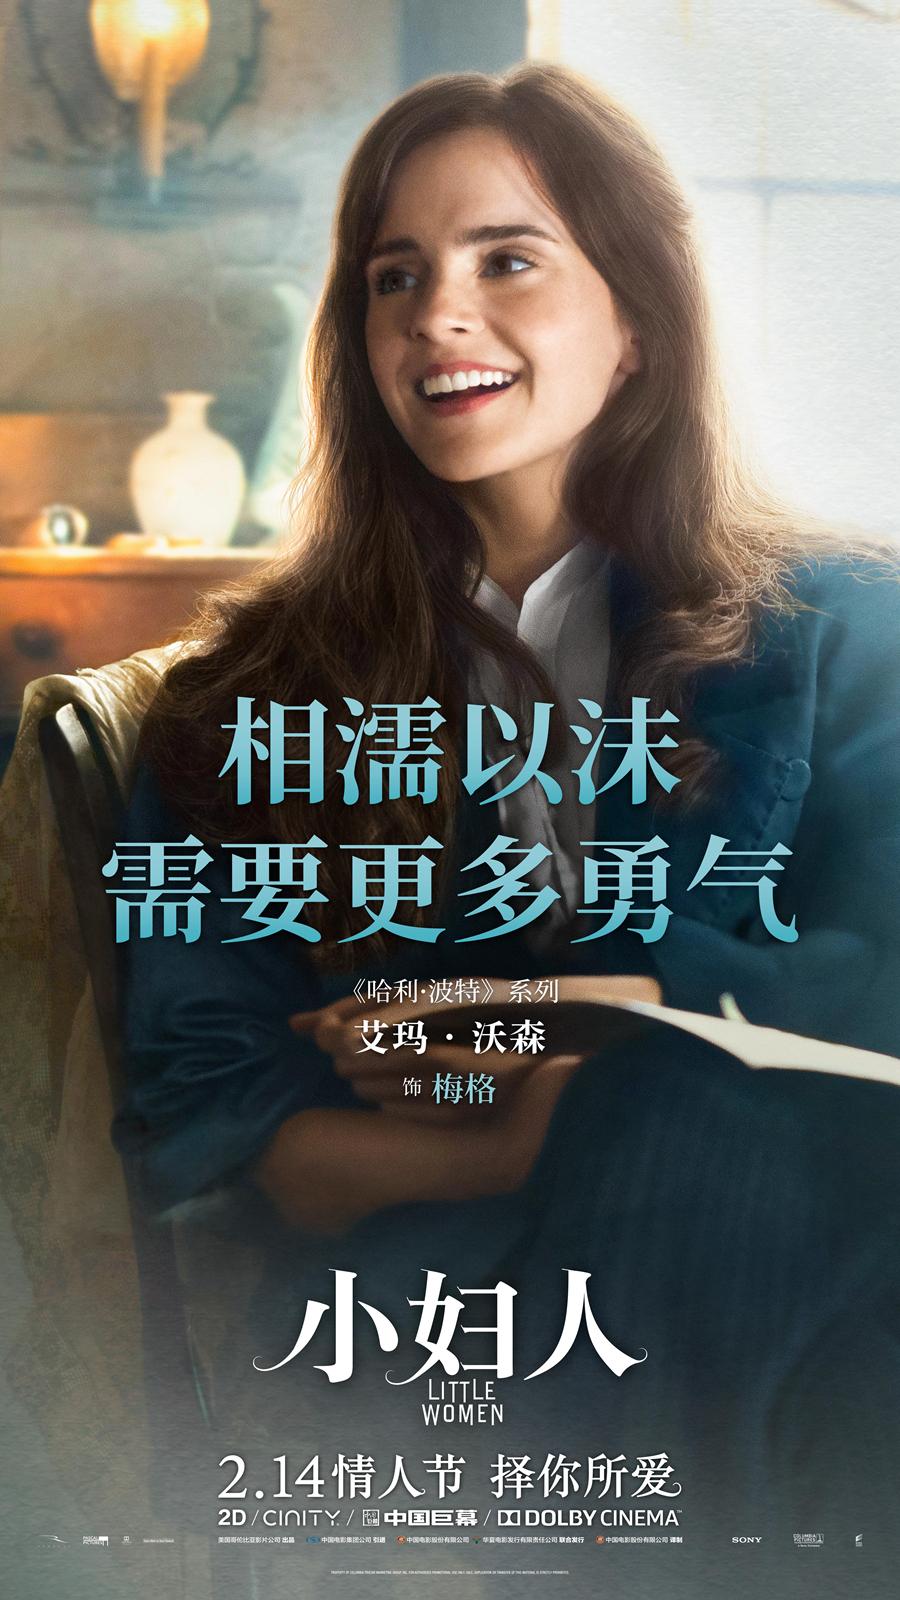 """6项奥斯卡提名《小妇人》发布""""个性鲜活""""角色海报 青春洋溢满屏仙气"""